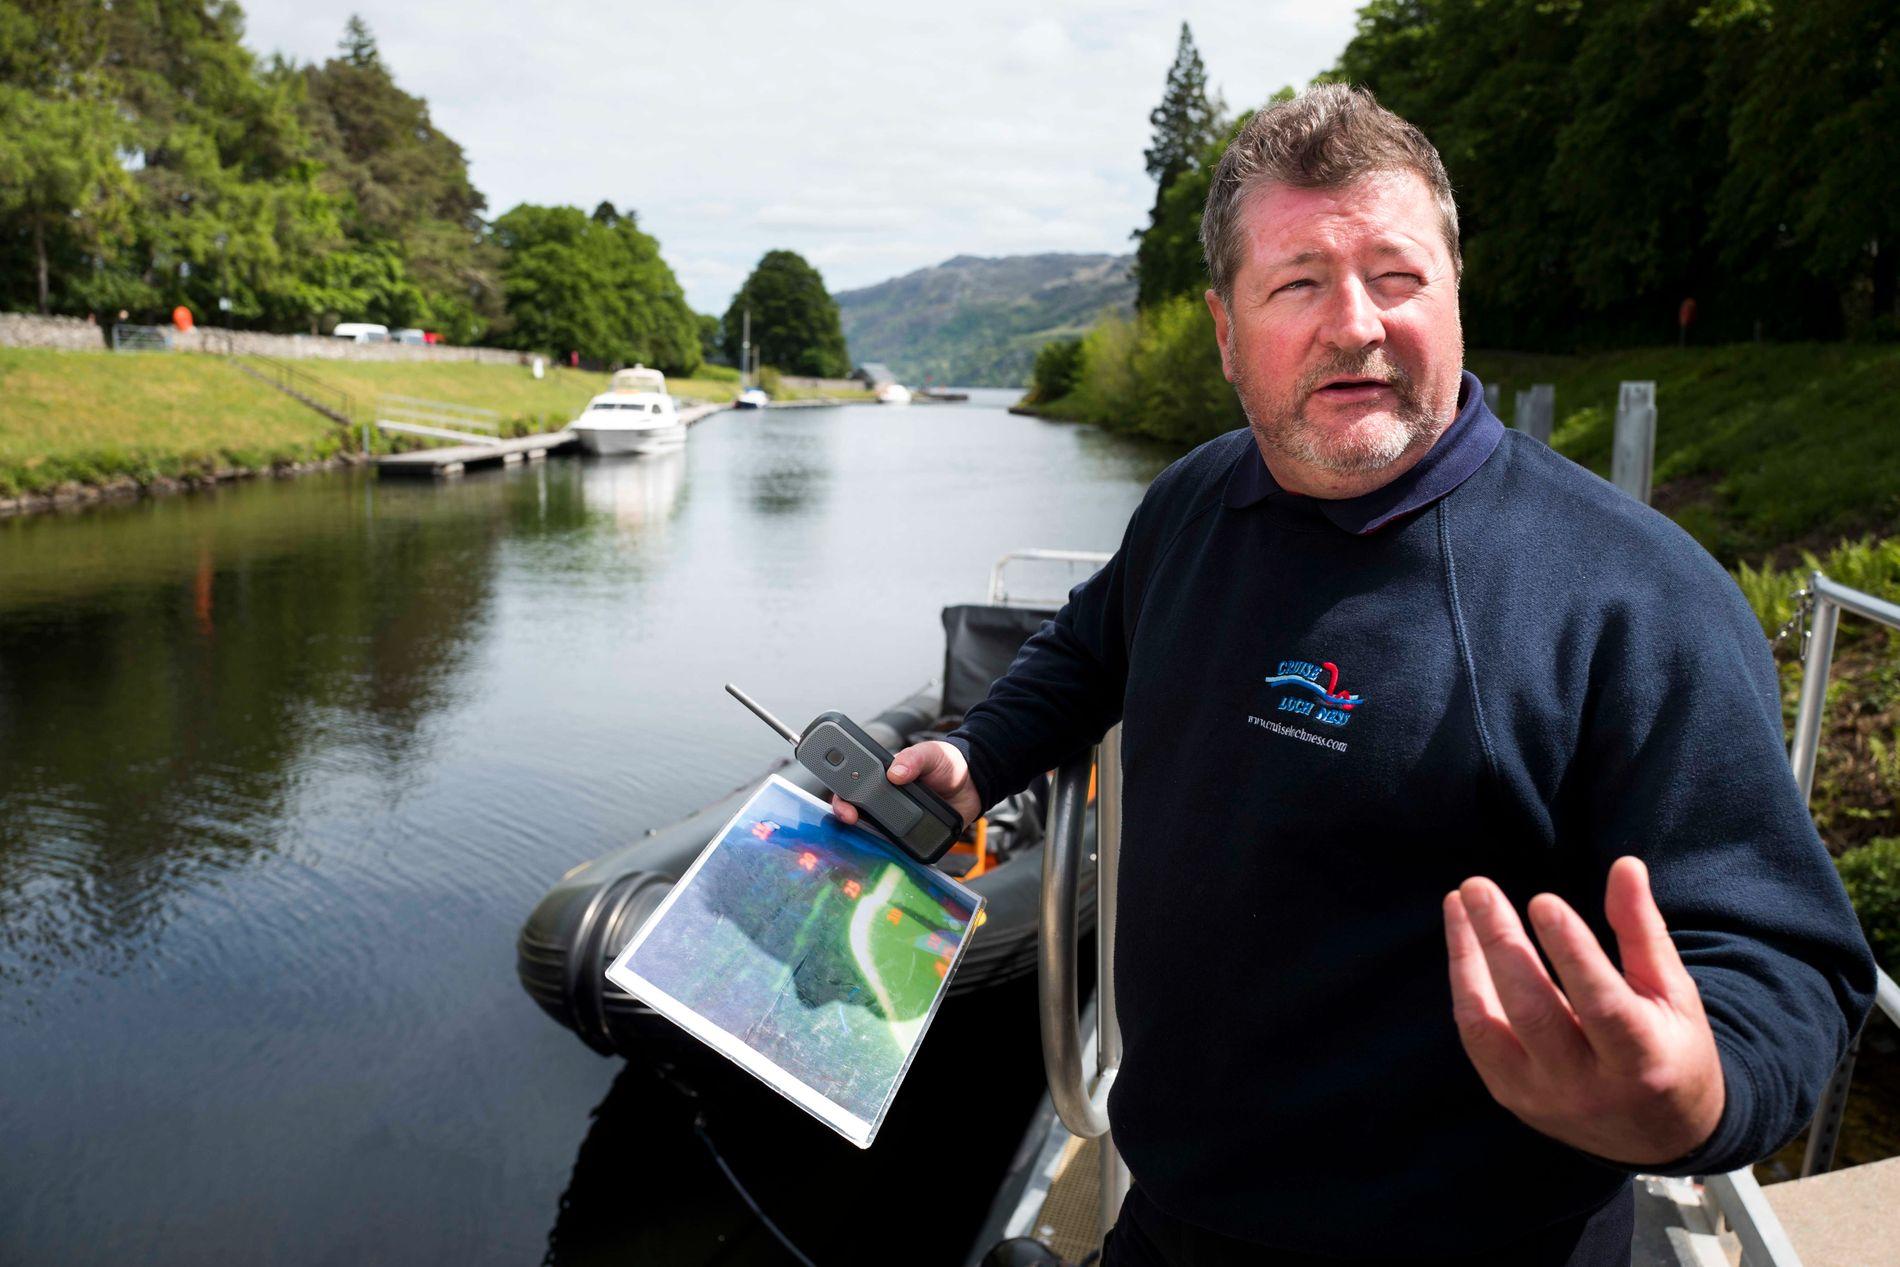 SJEKKER LOCH NESS: Iain Mackinnan (52) viser frem bildet hans kollega tok av ekkoloddet som skal vise luftlommer i havet som er mye større enn vanlige fisker. Foto: FREDRIK SOLSTAD, VG